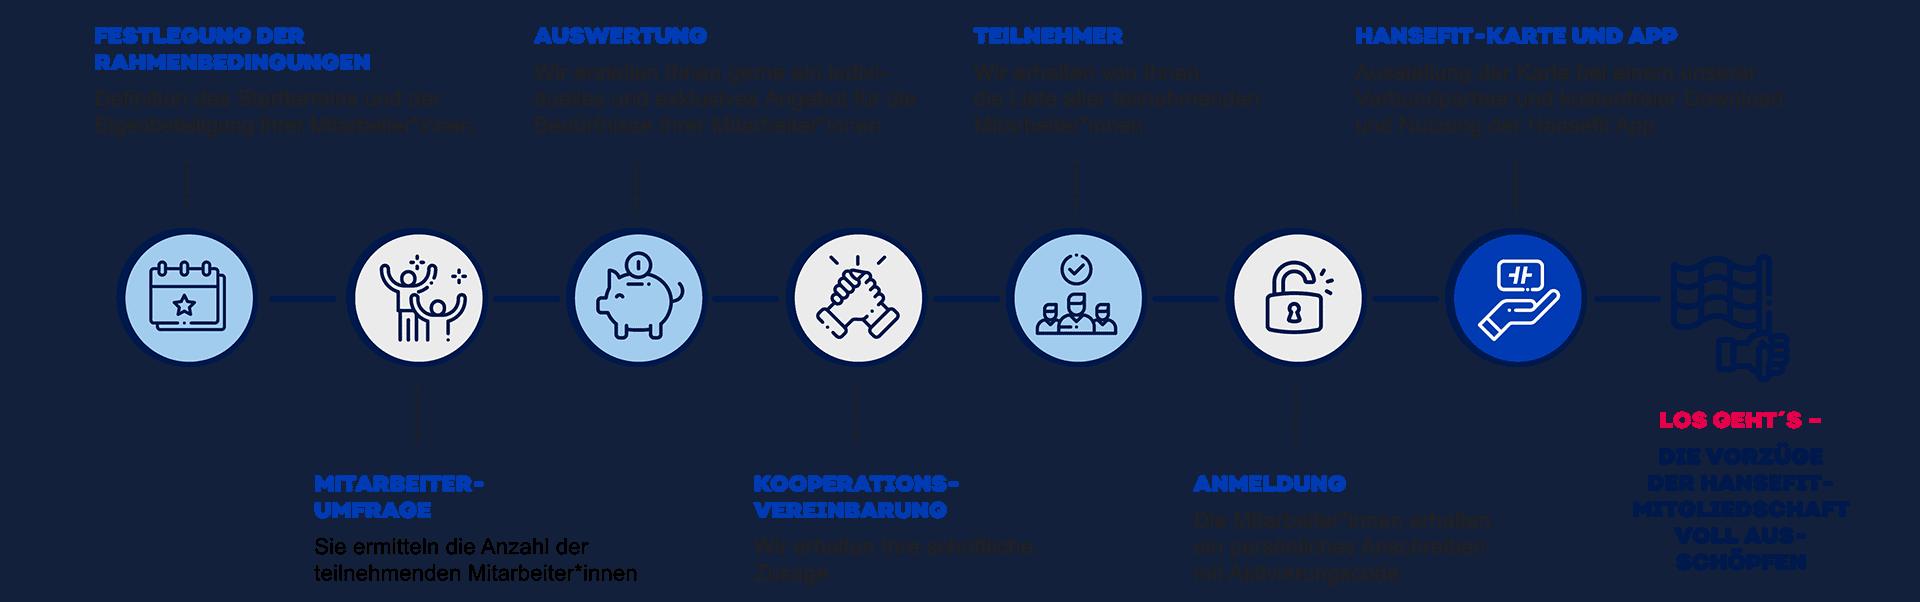 Grafik 7 Schritte zu Firmenfitness mit Hansefit